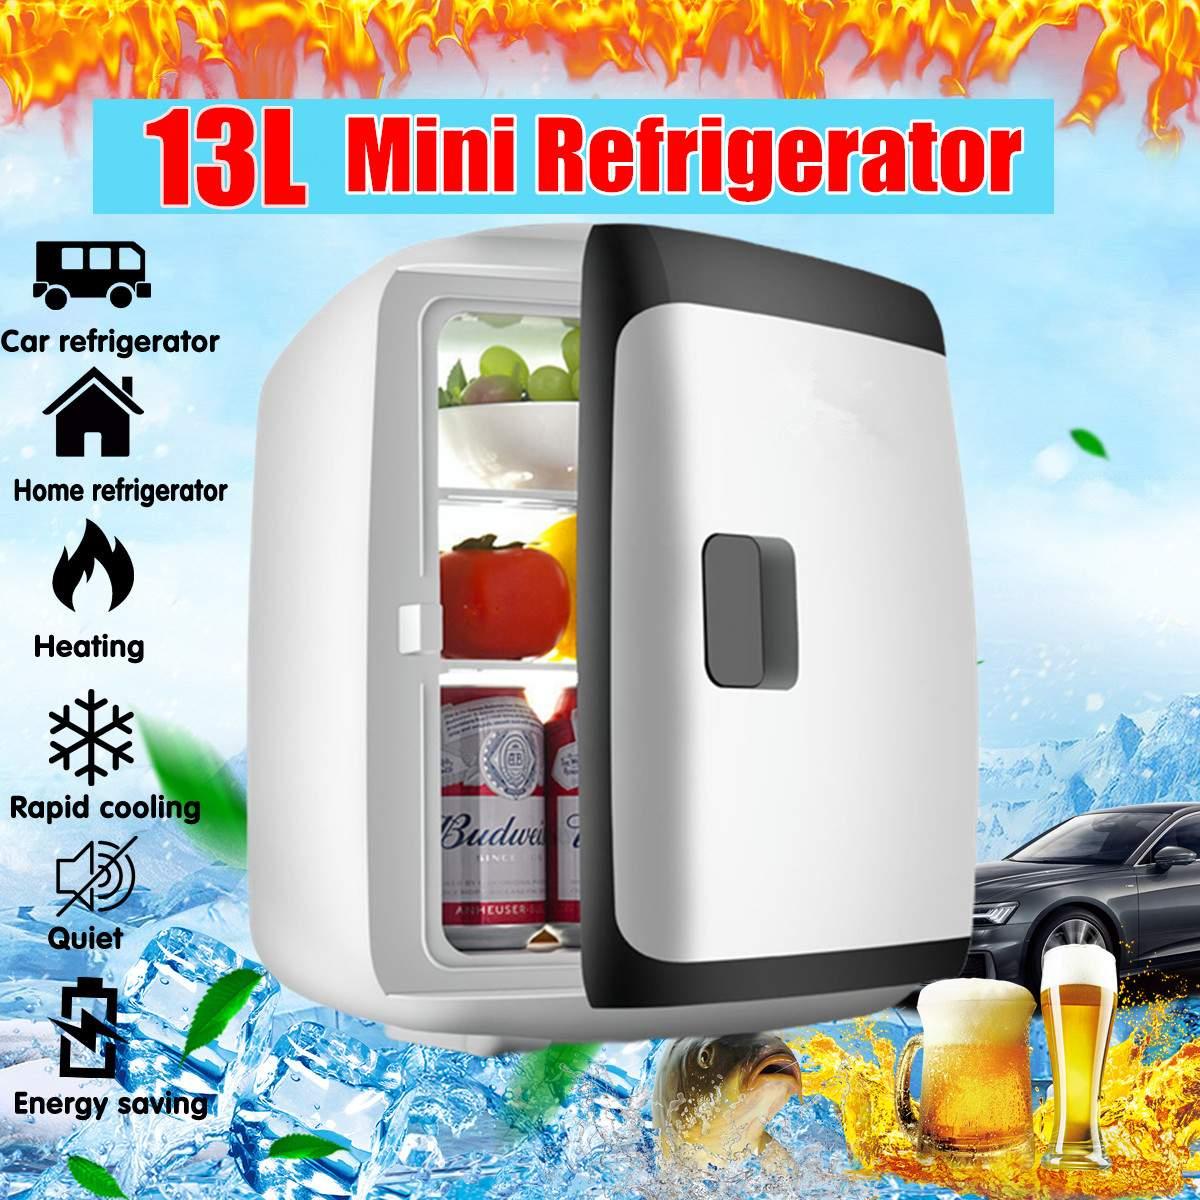 Portable 13L Mini Fridge Refrigerator Dual-core 12V /110V Car Home Freezer Frigo Nevera Dormitory Apartment Refrigerated Box